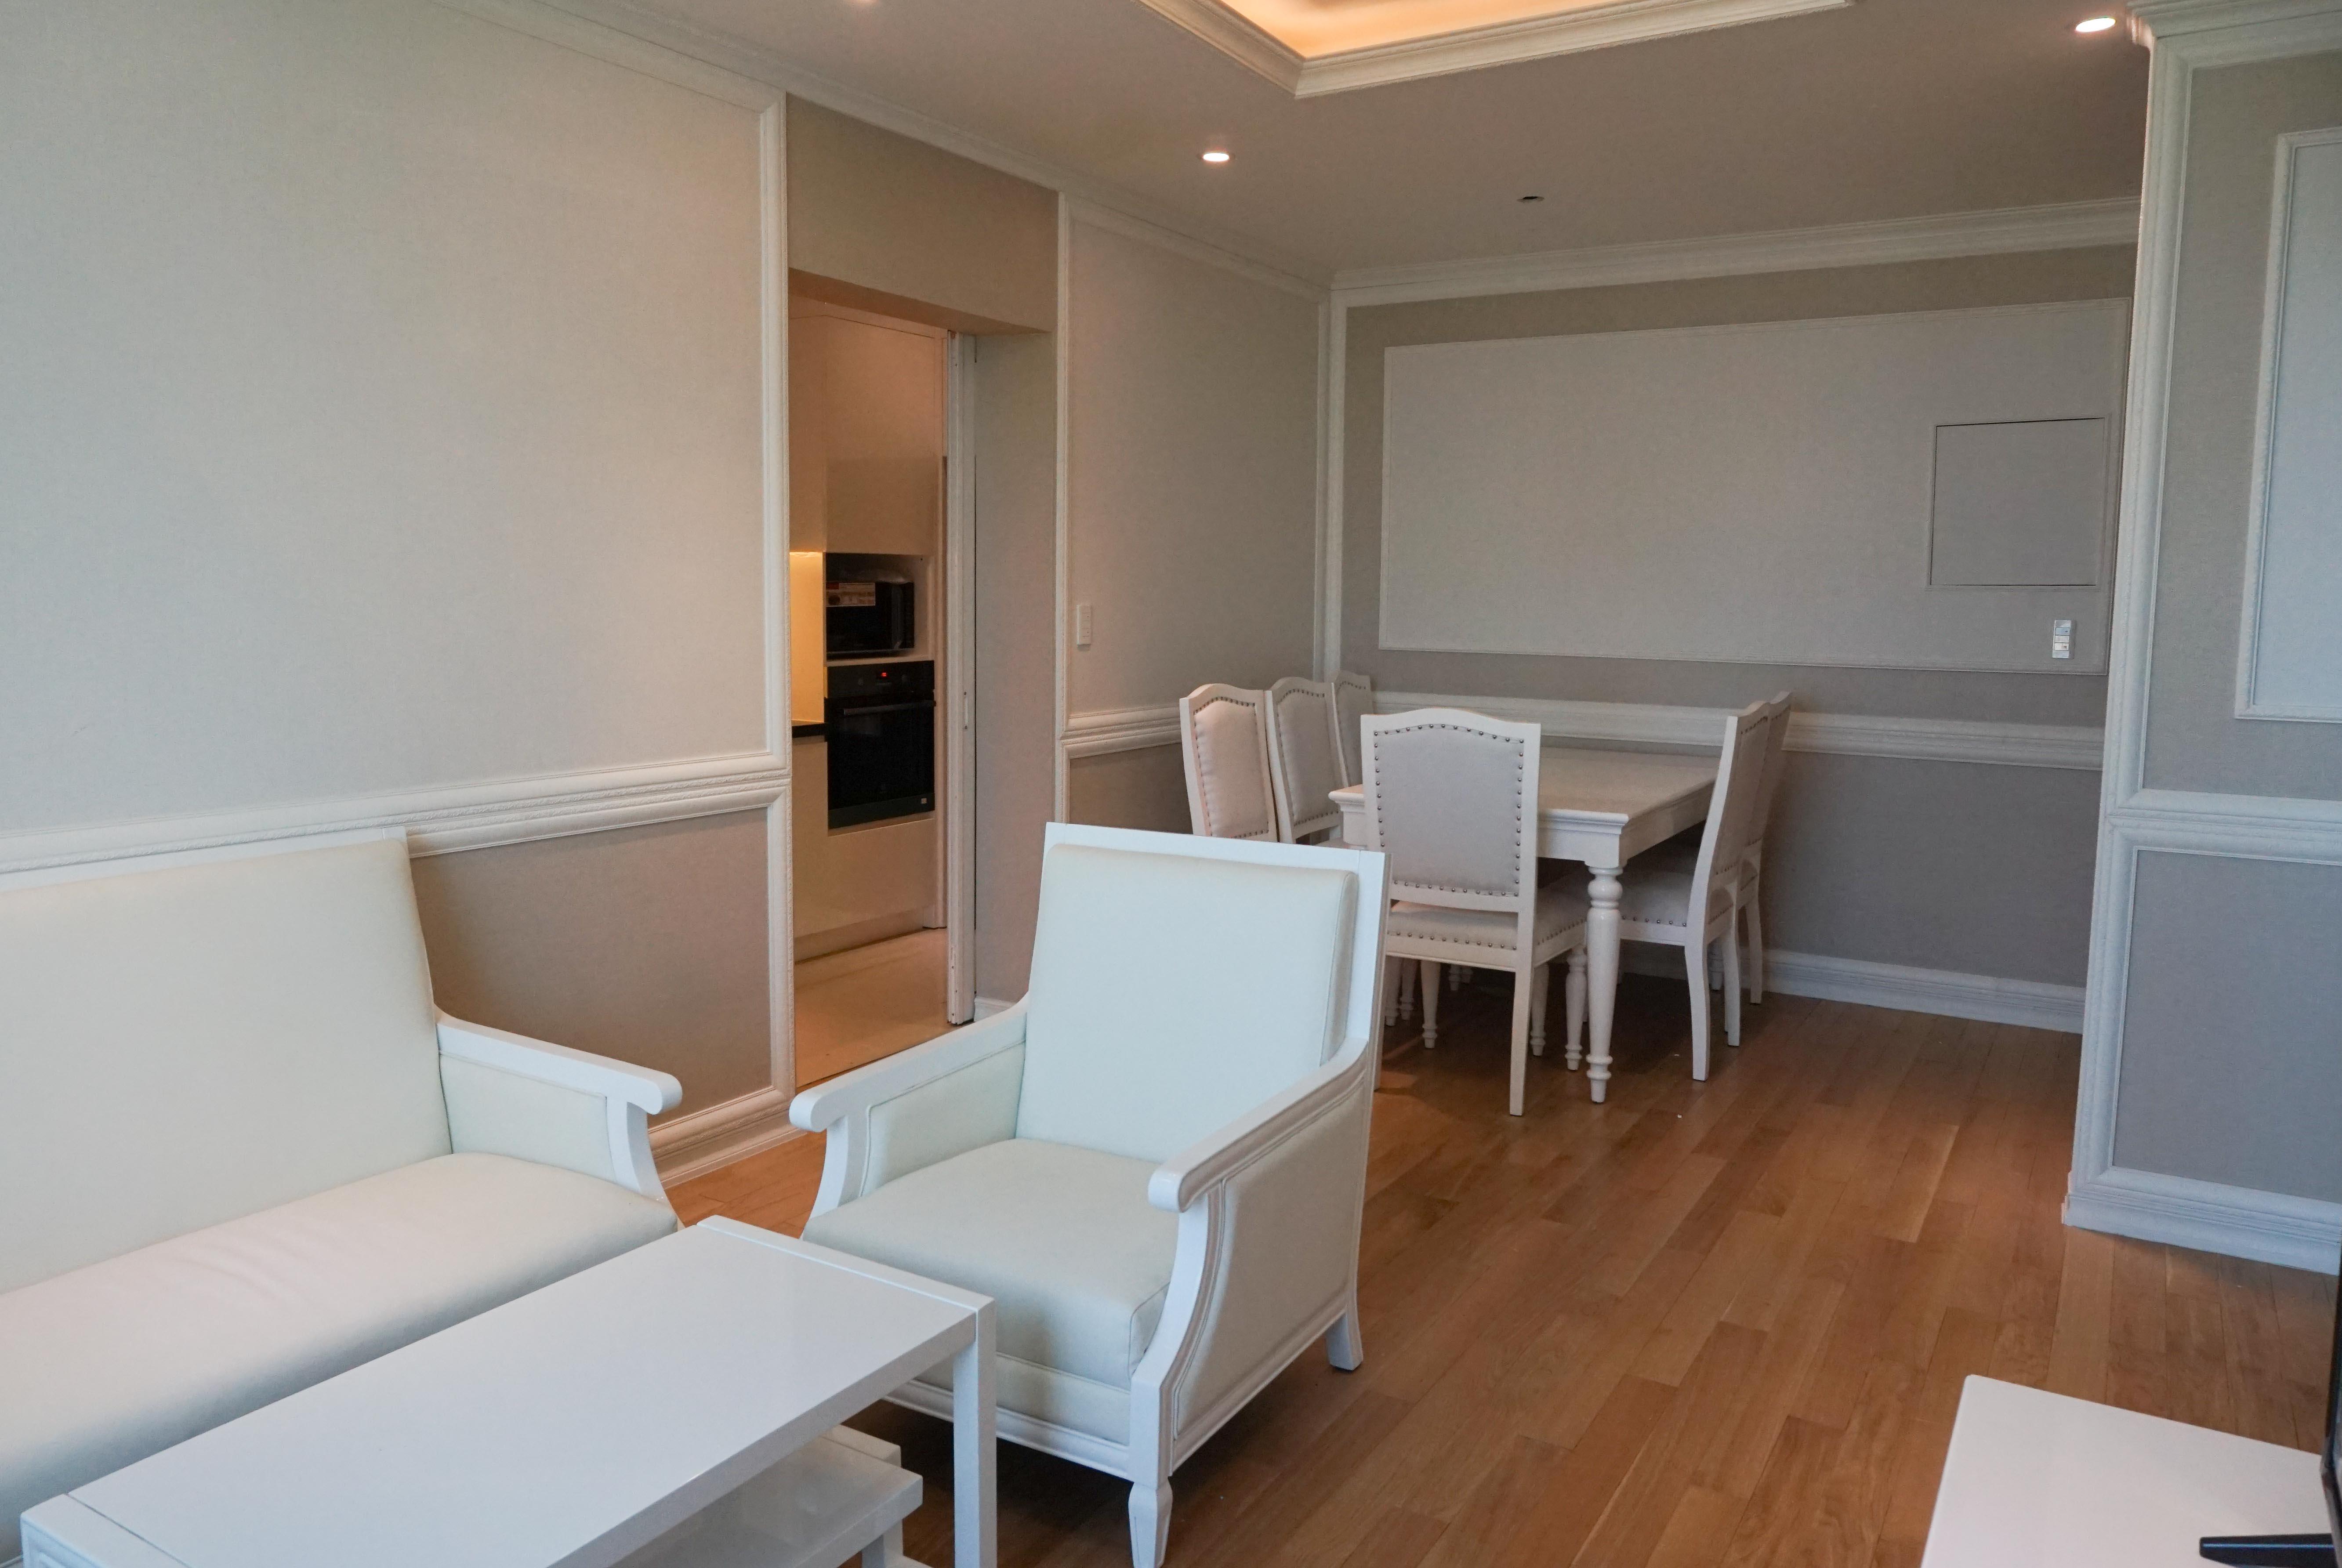 Căn hộ 2 PN Léman Luxury - Đầy Đủ Nội Thất - Căn Hộ Duyên Dáng Và Sang Trọng-16